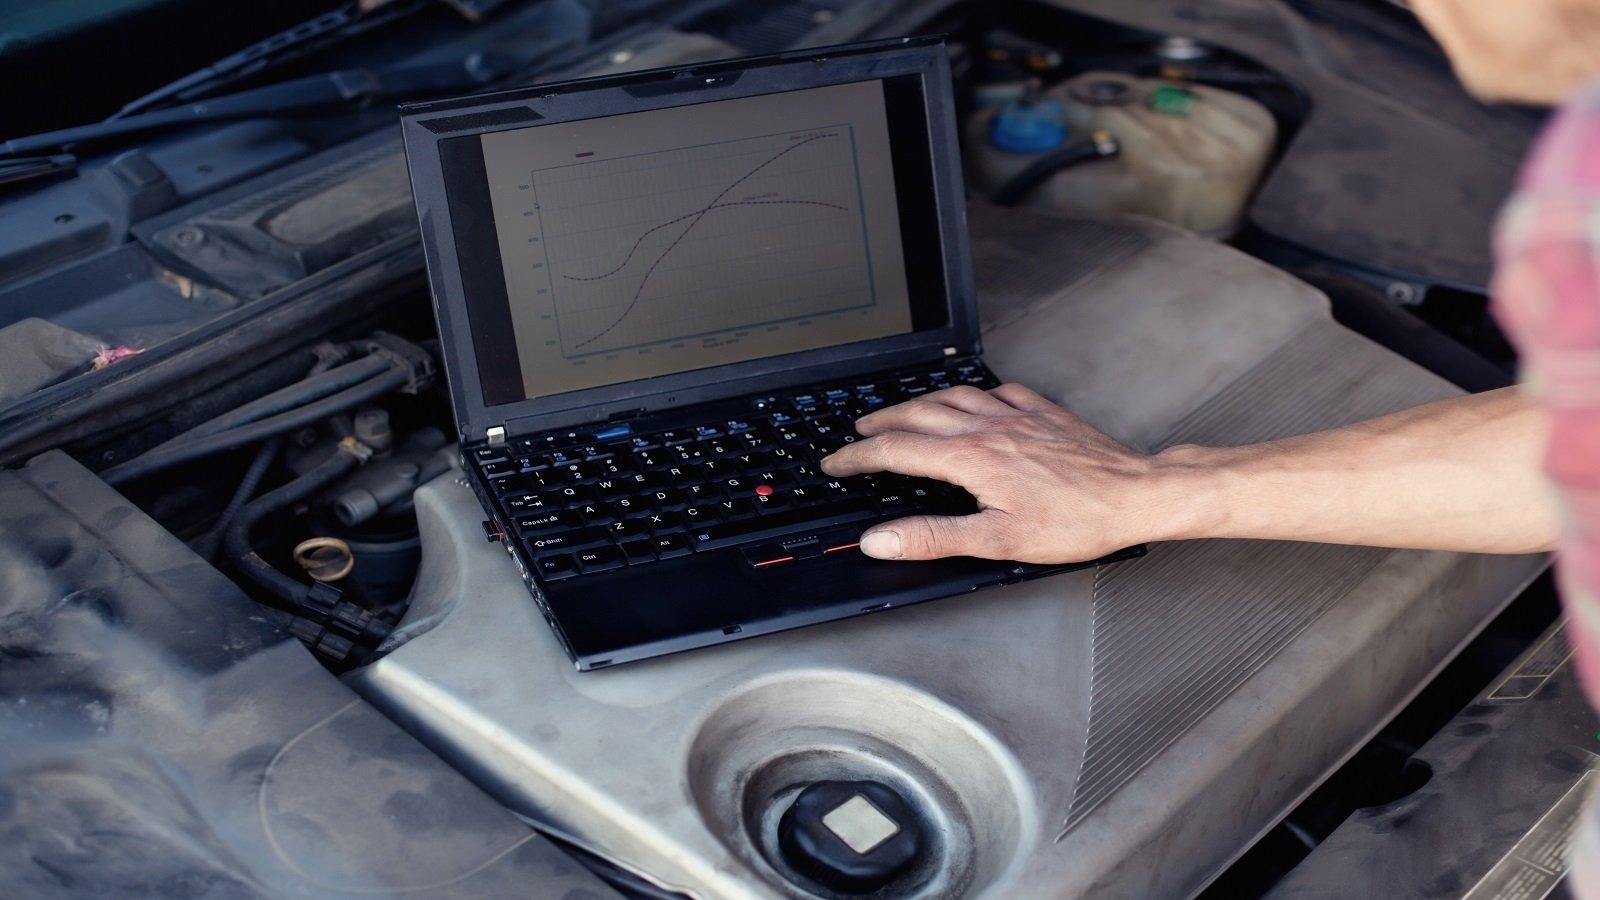 Operaio compiendo la diagnosi computerizzata dell'auto